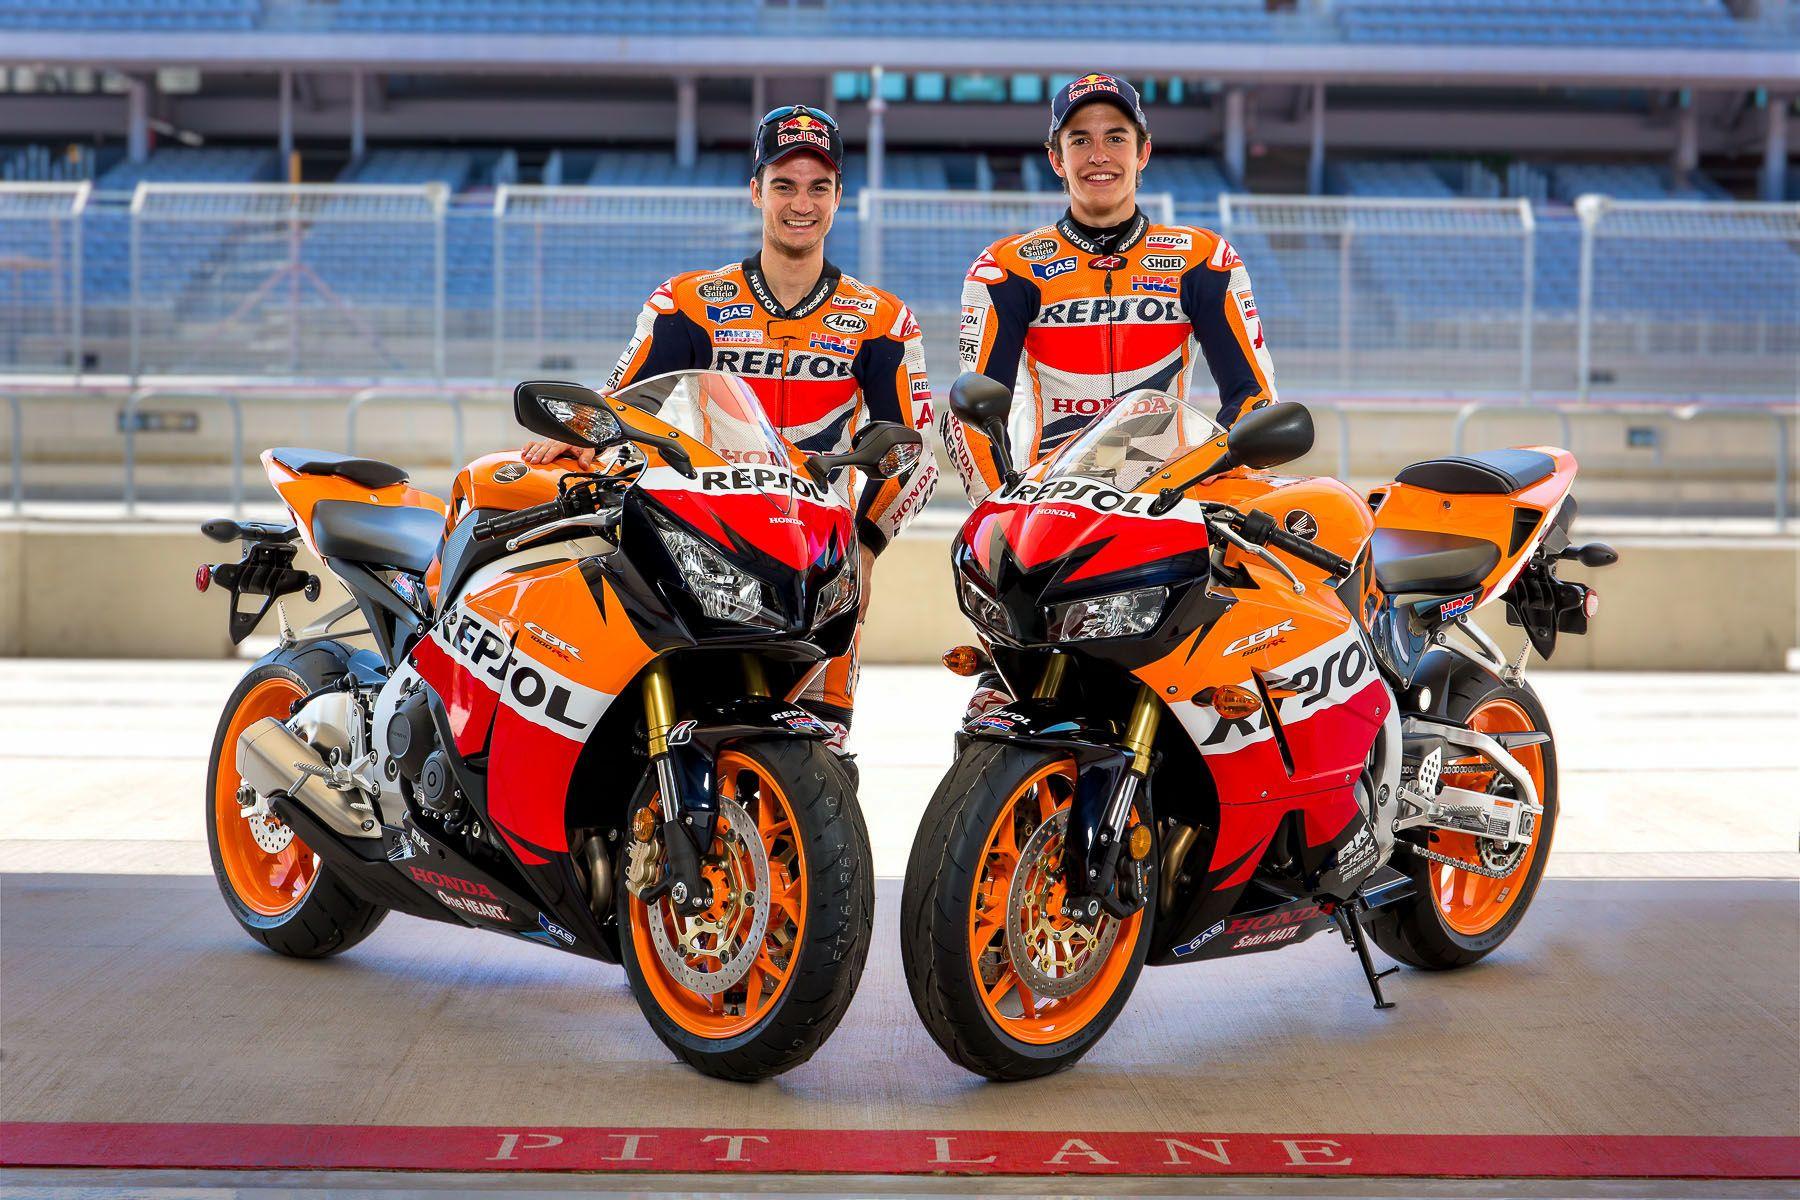 Marc Marquez & Danny Pedrosa